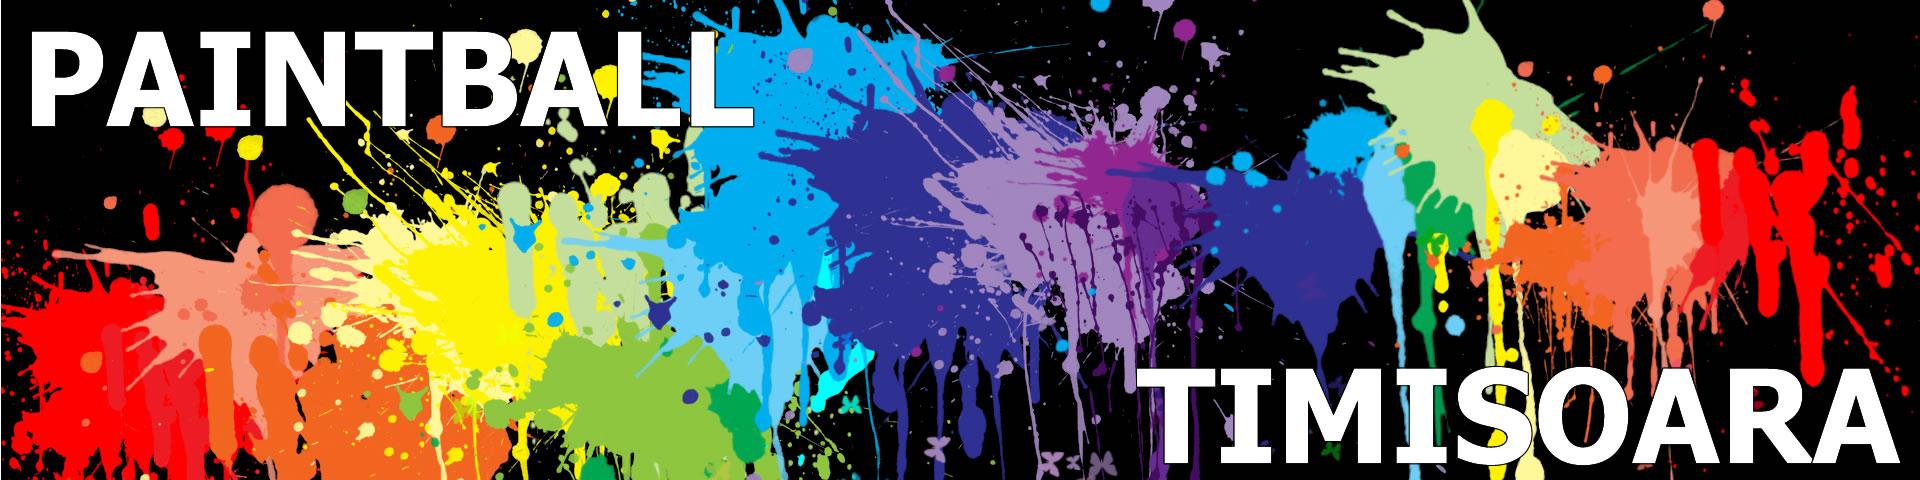 PaintBall Timisoara